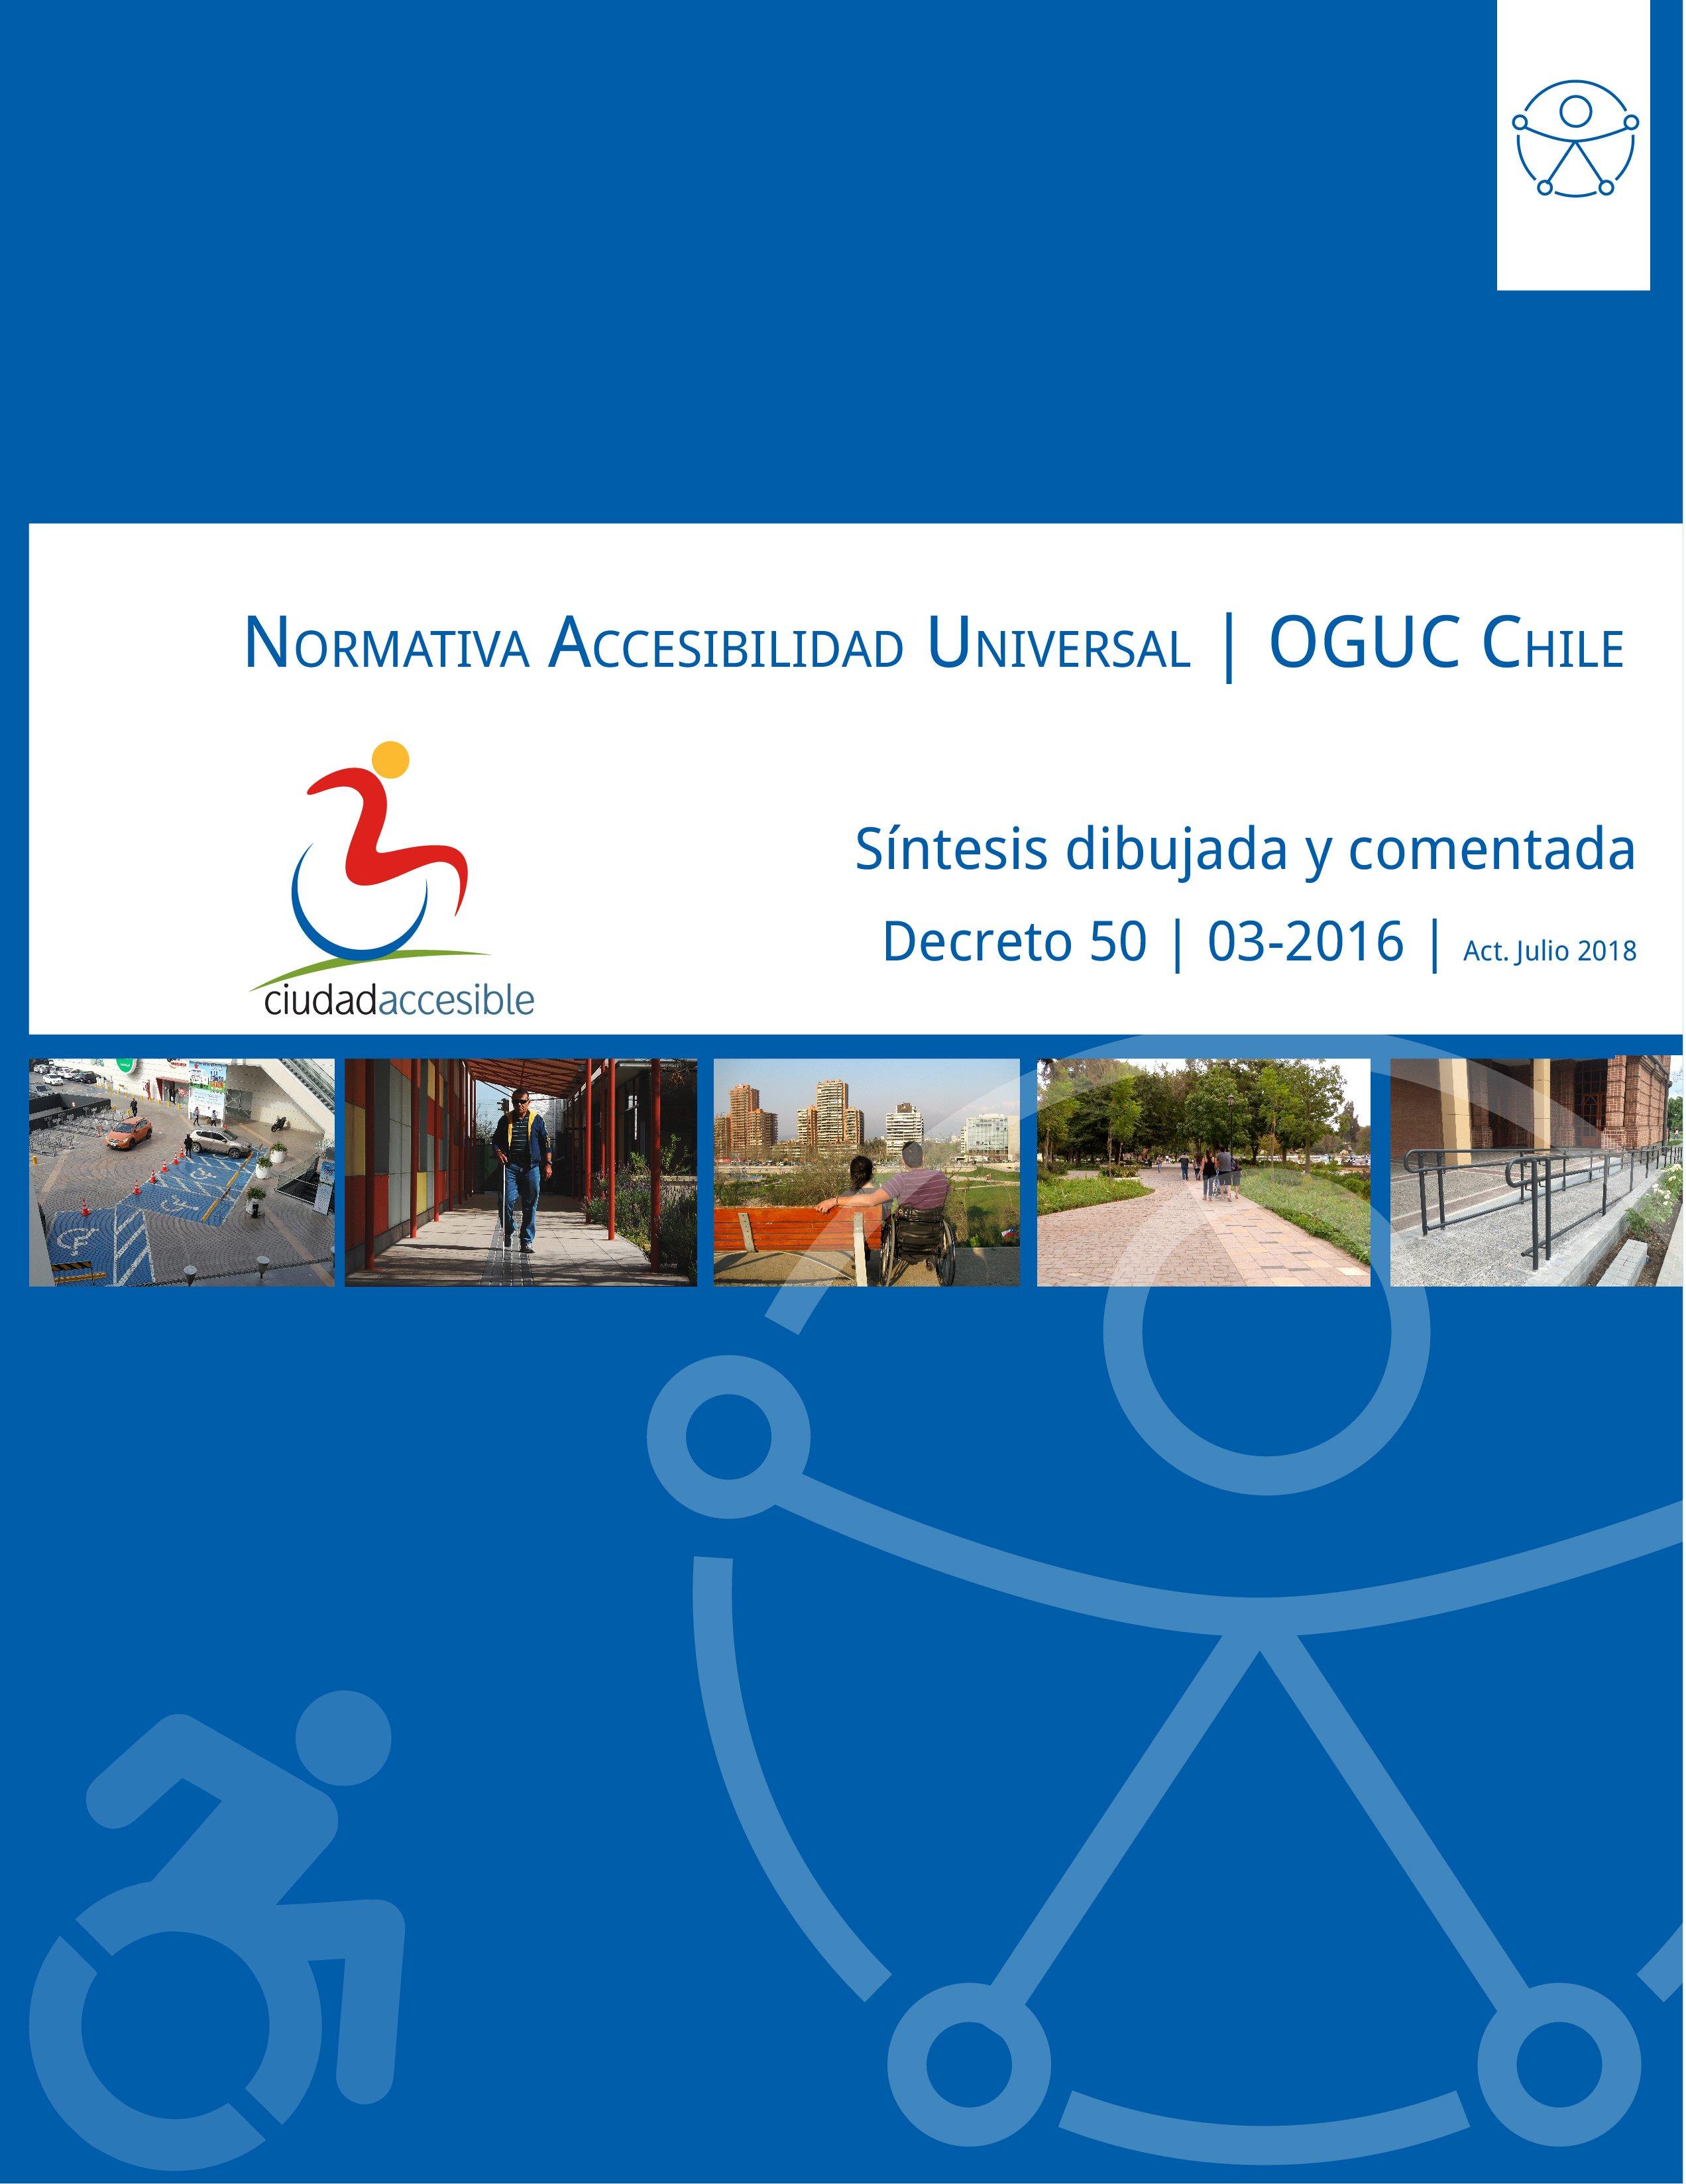 Síntesis OGUC Accesibilidad | Dibujada y comentada